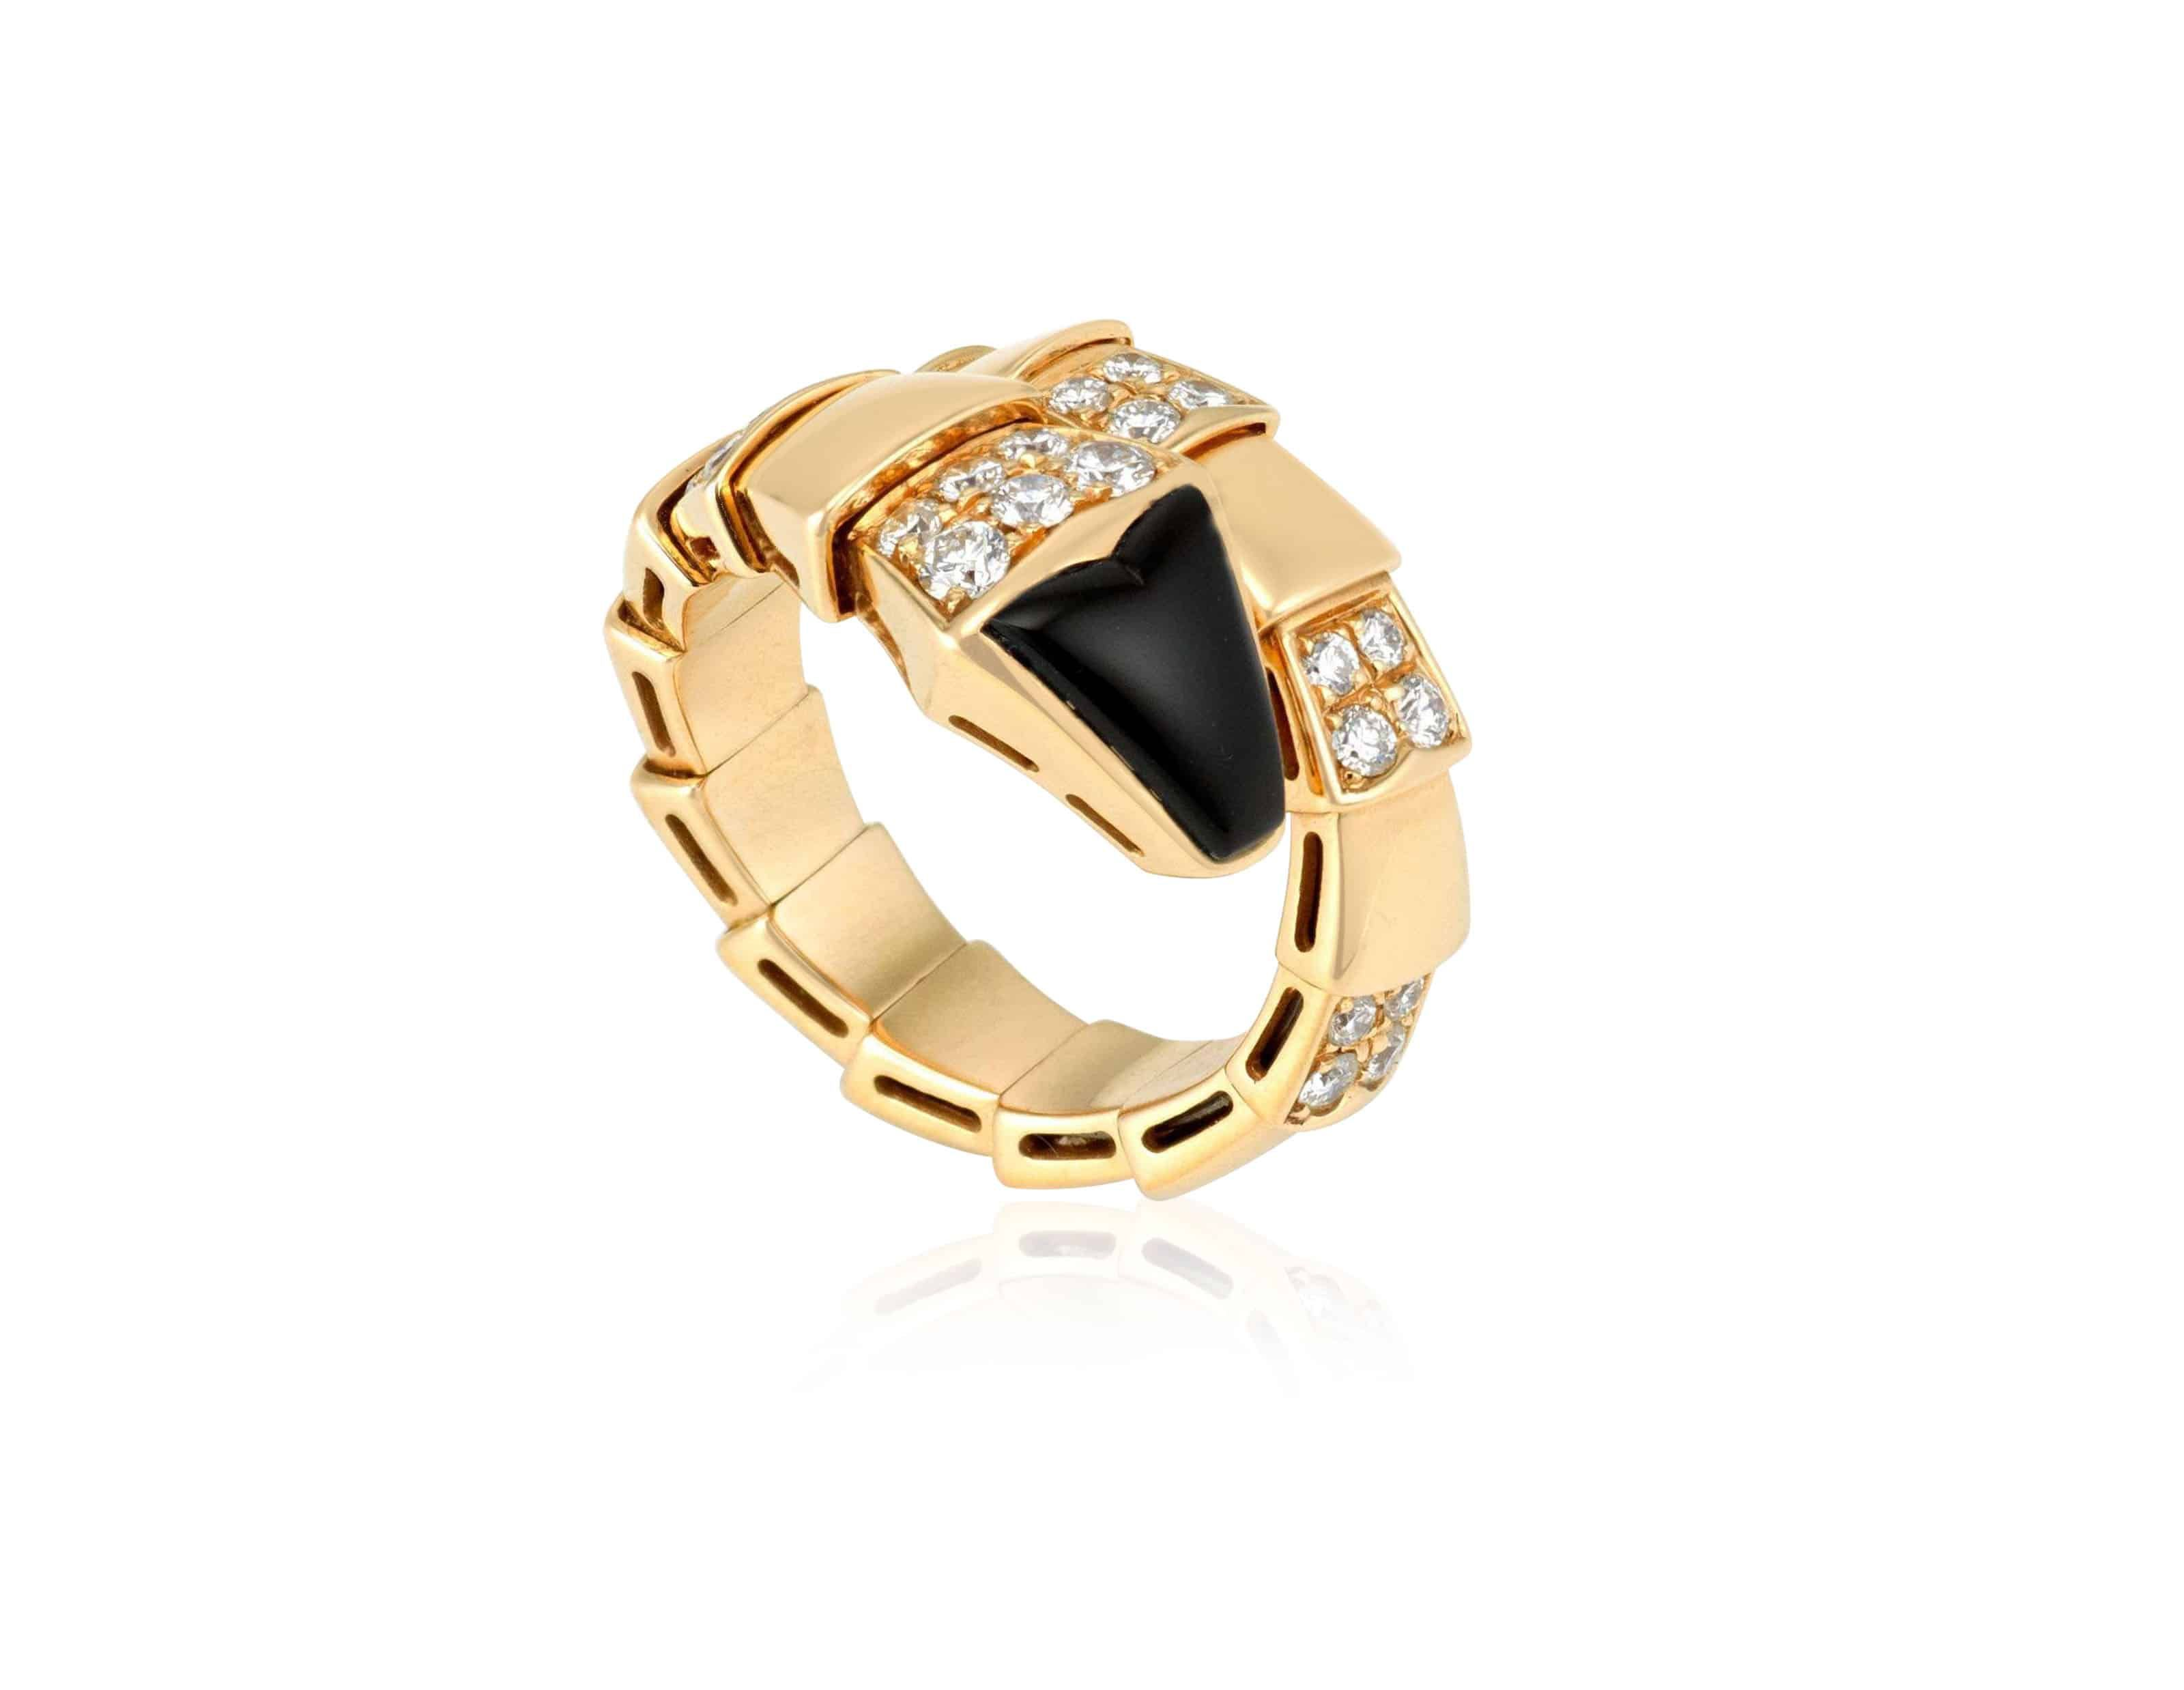 اشكال دبل خطوبة جديدة ذهب روعة Jewelry Sapphire Ring Rings